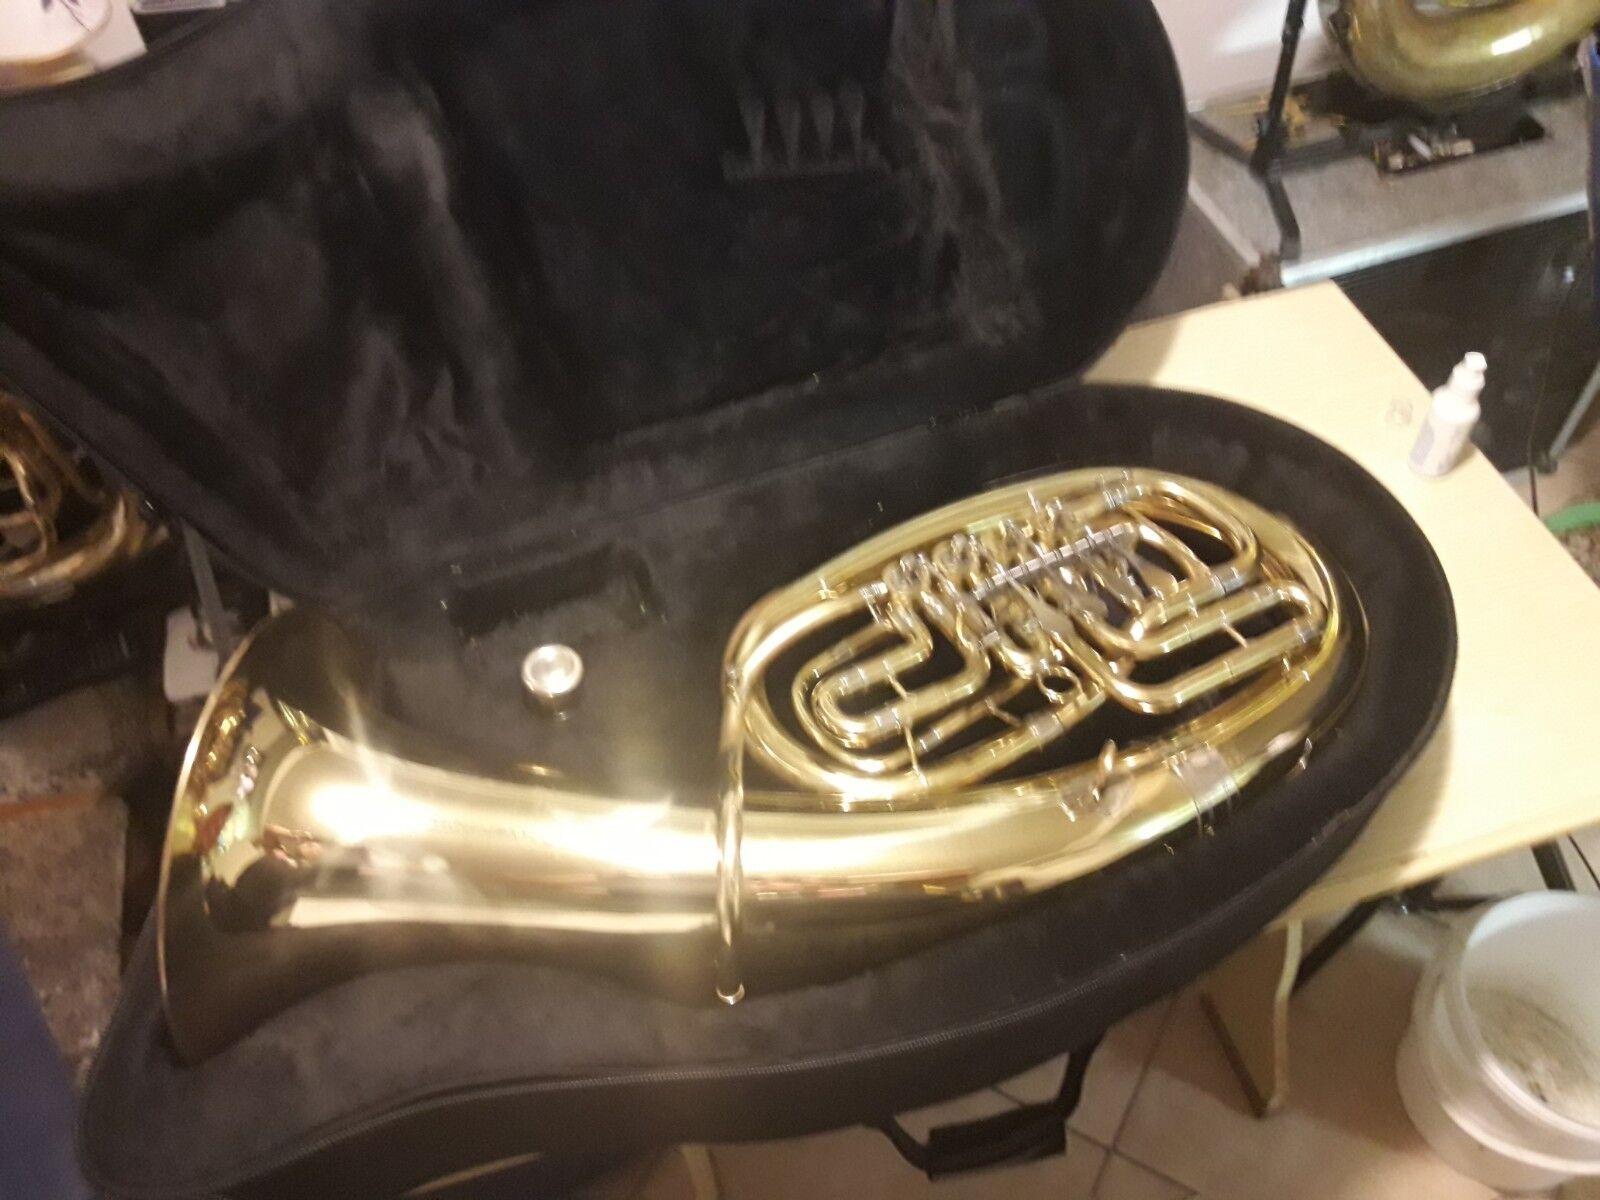 Baritone Amati Kraslice Tenorhorn Bariton 4-ventile Mit Koffer Und Mundstück Jk Musikinstrumente